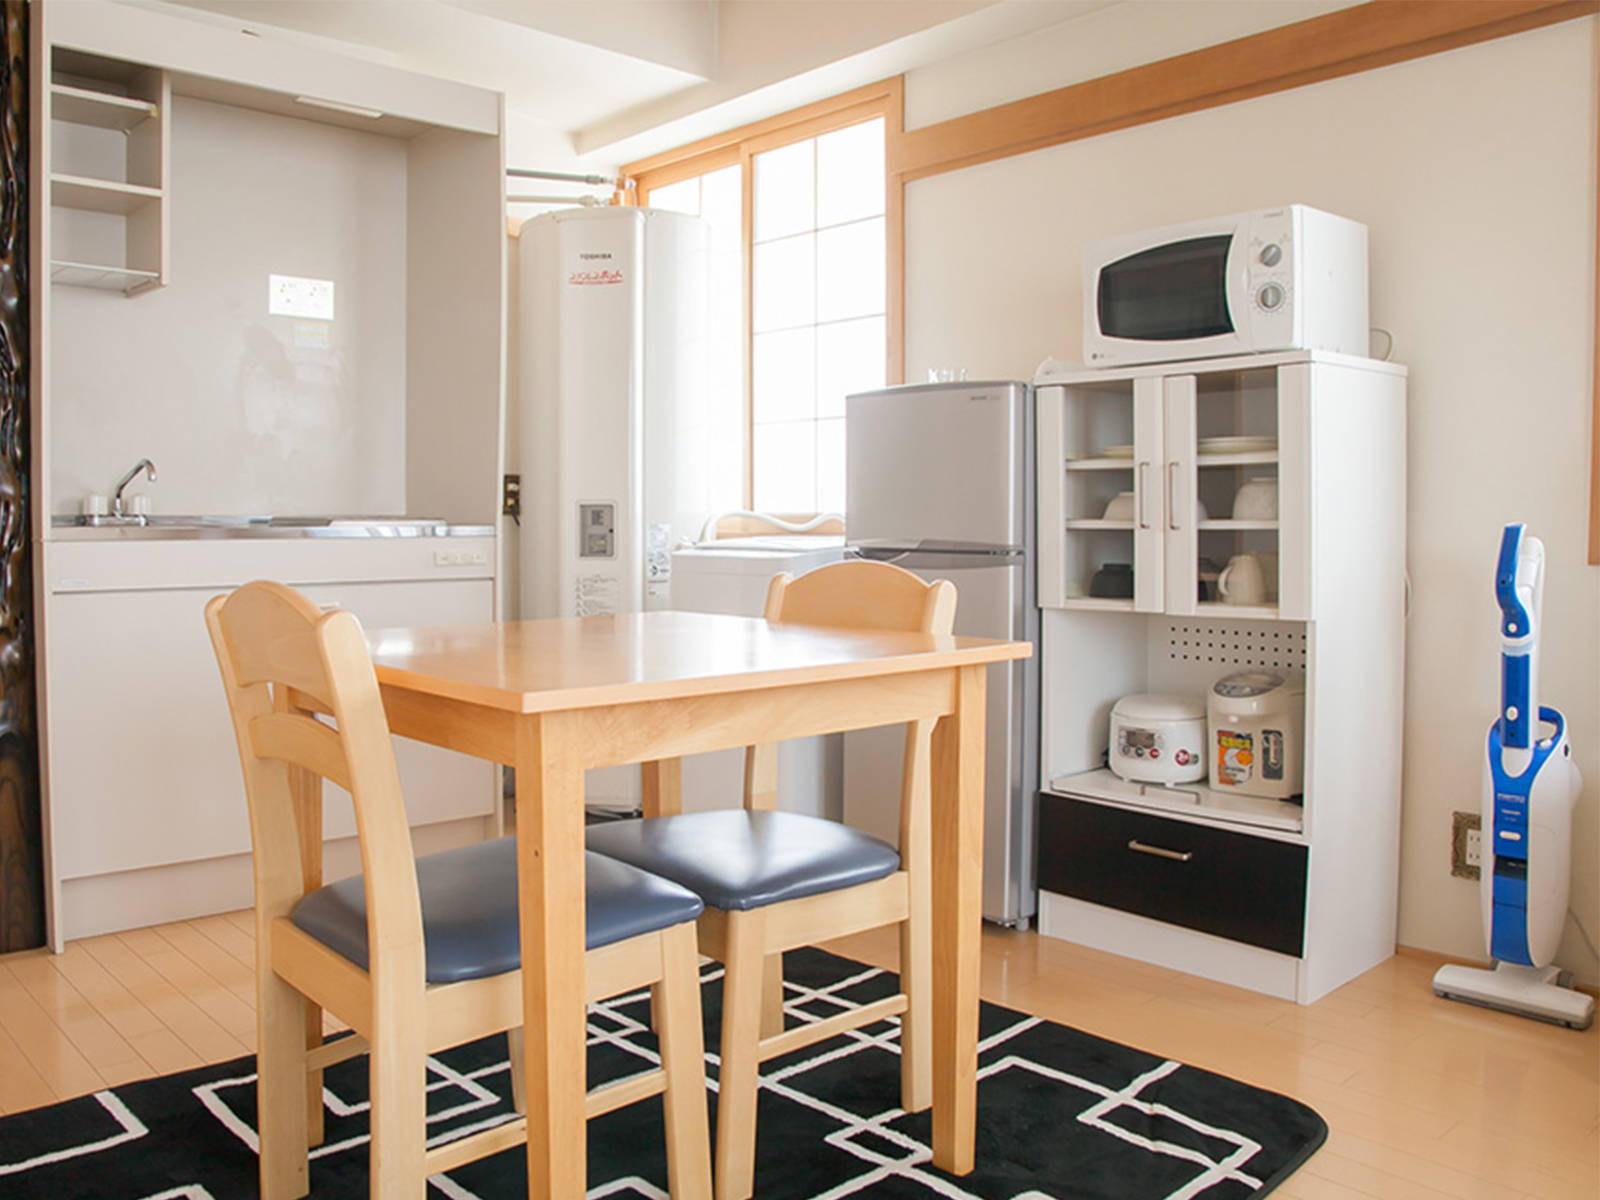 北海道のウィークリーマンション・マンスリーマンション「ドットコムビル 1R(No.479)」メイン画像